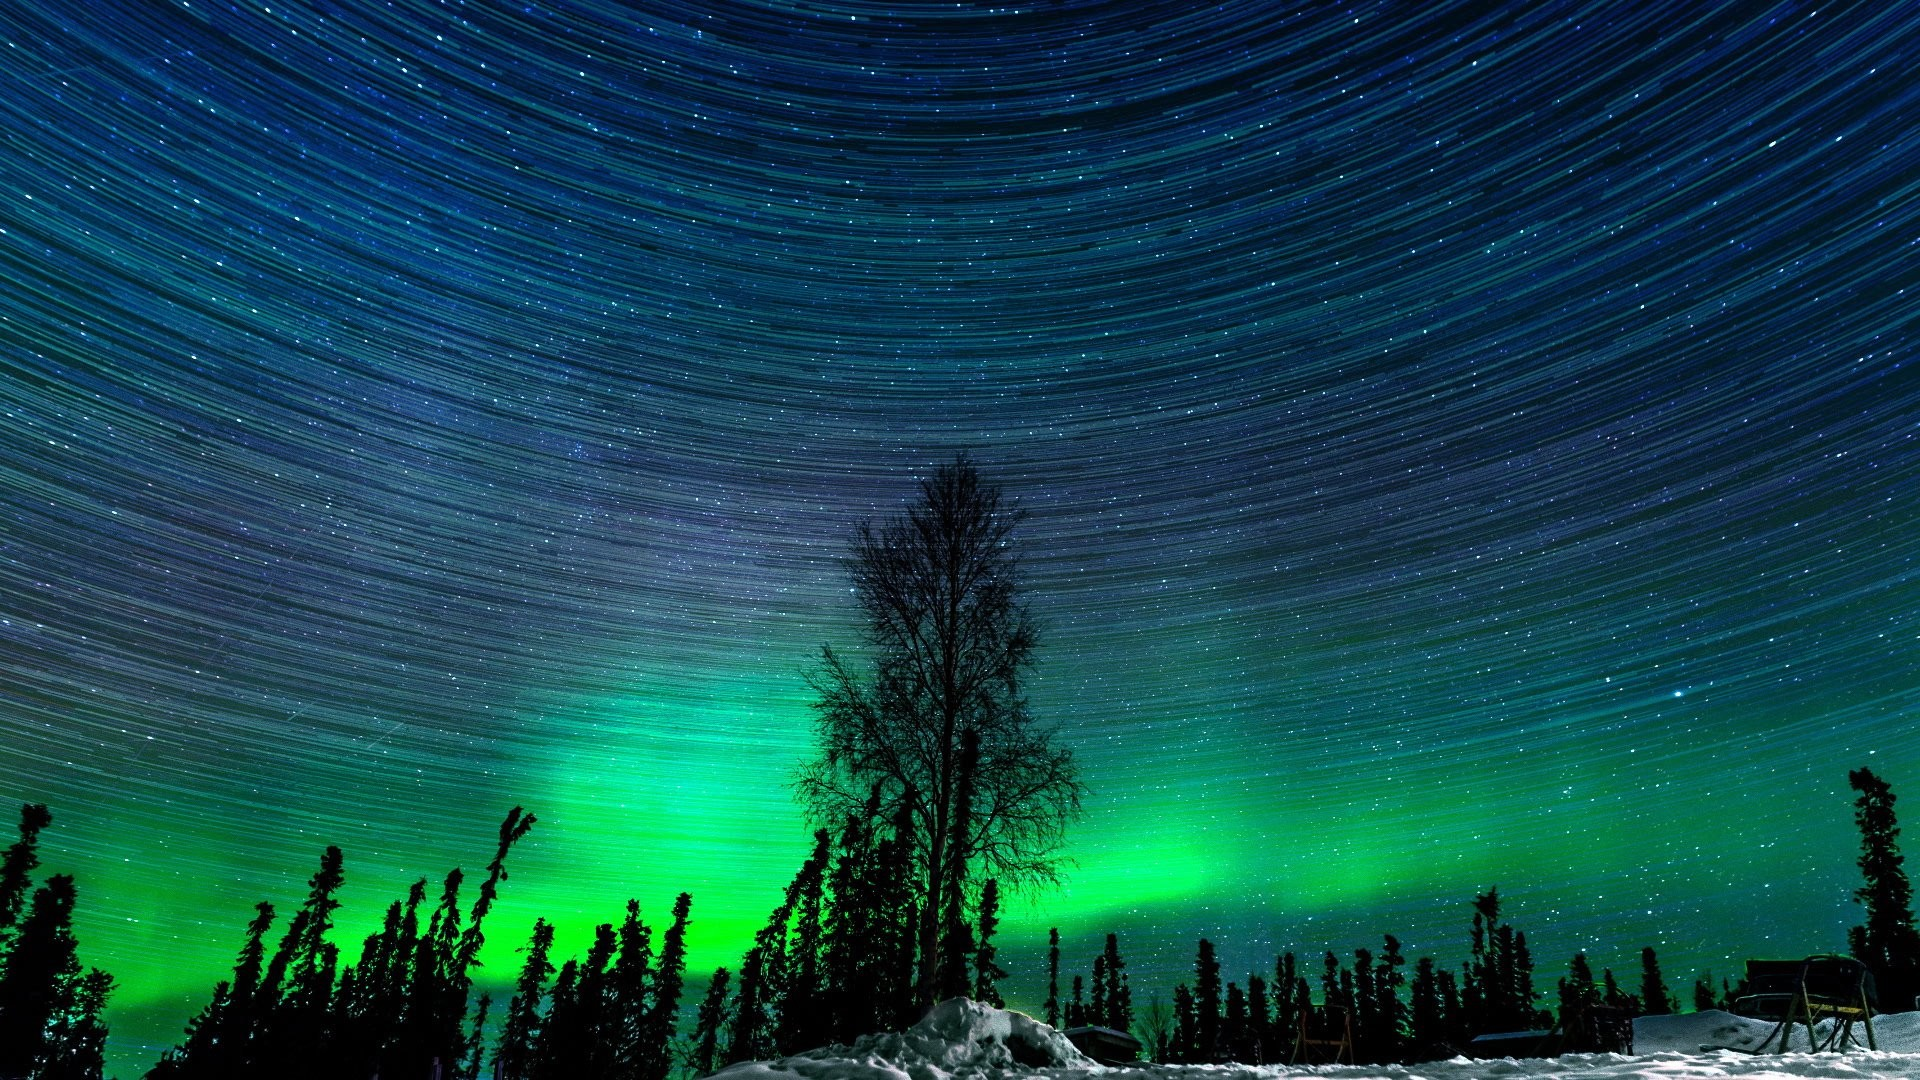 Sfondi wallpaper hd 77 immagini for Sfondi desktop aurora boreale